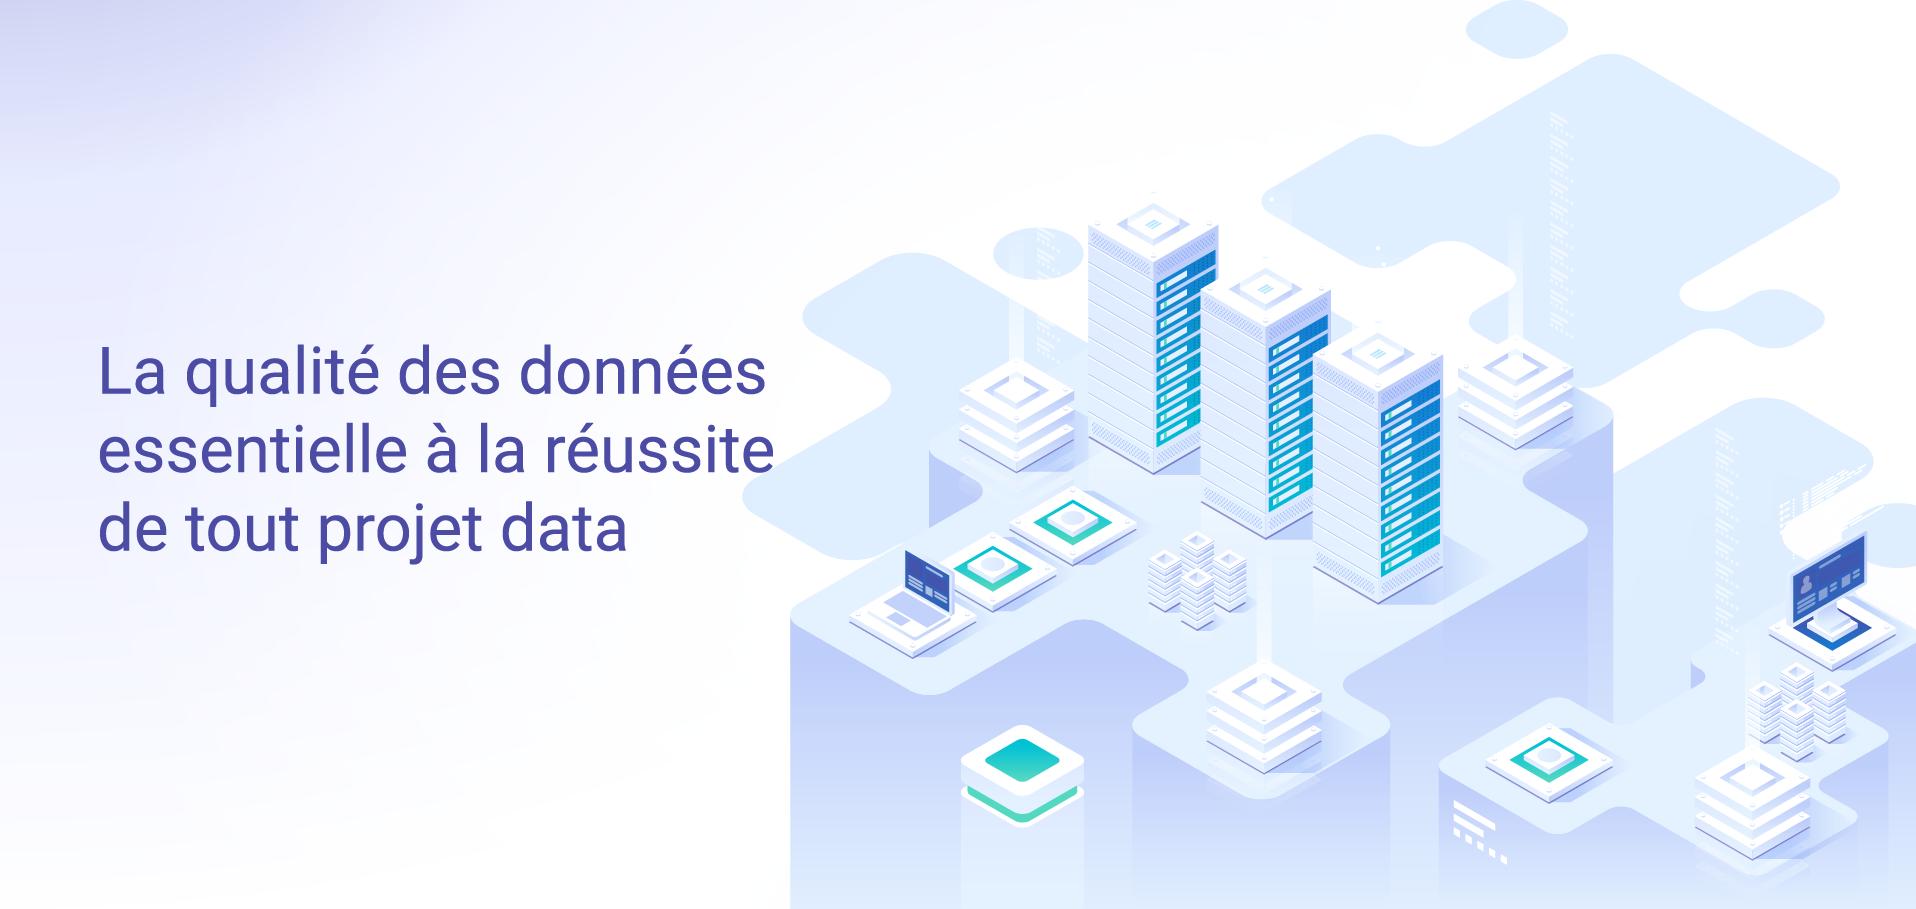 Webinar - La qualité des données essentielle à la réussite de tout prpjet data